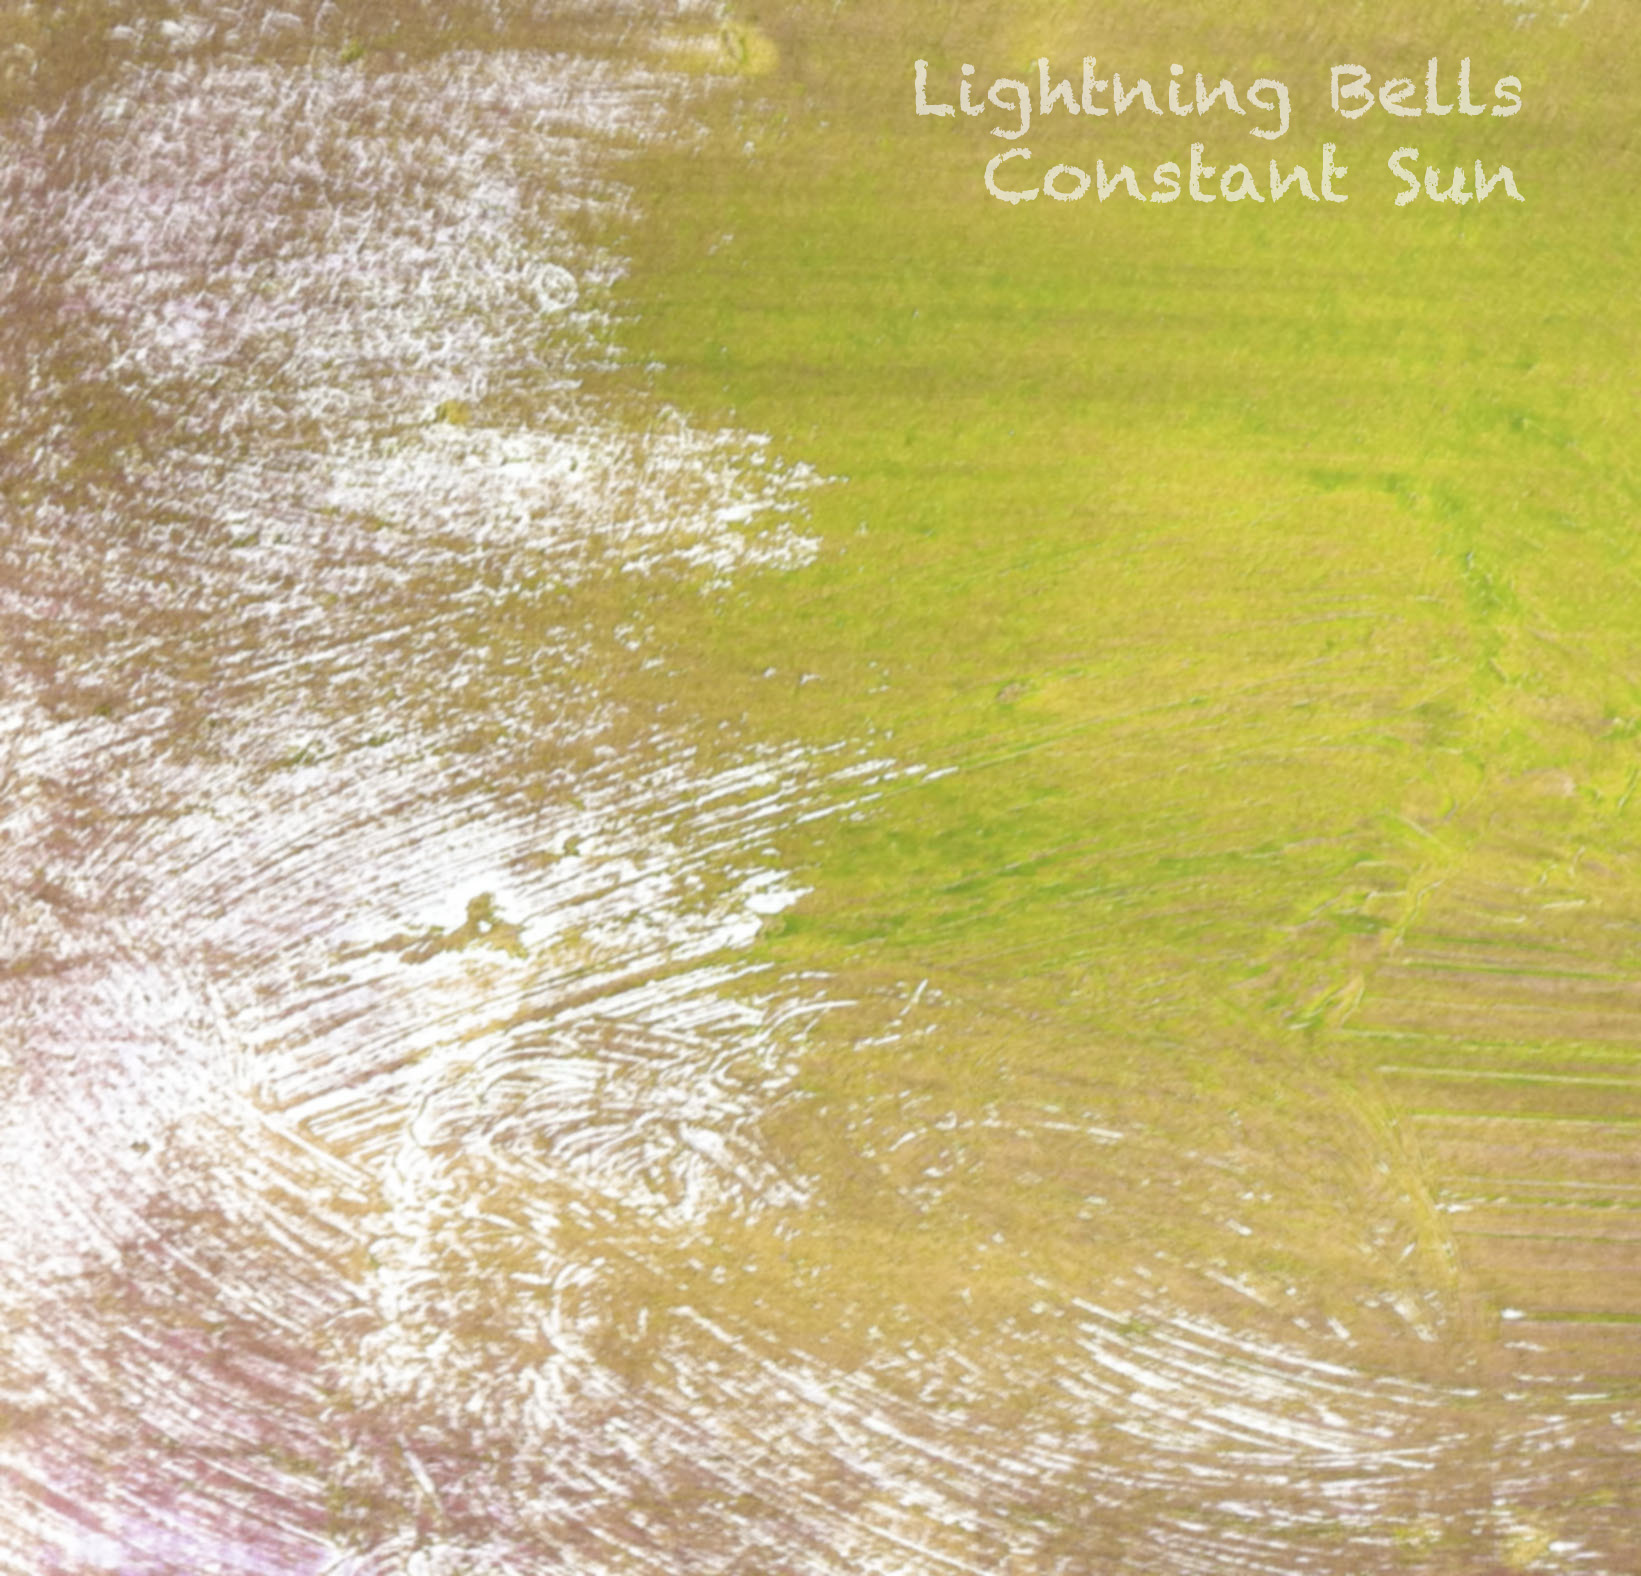 Lightning Bells